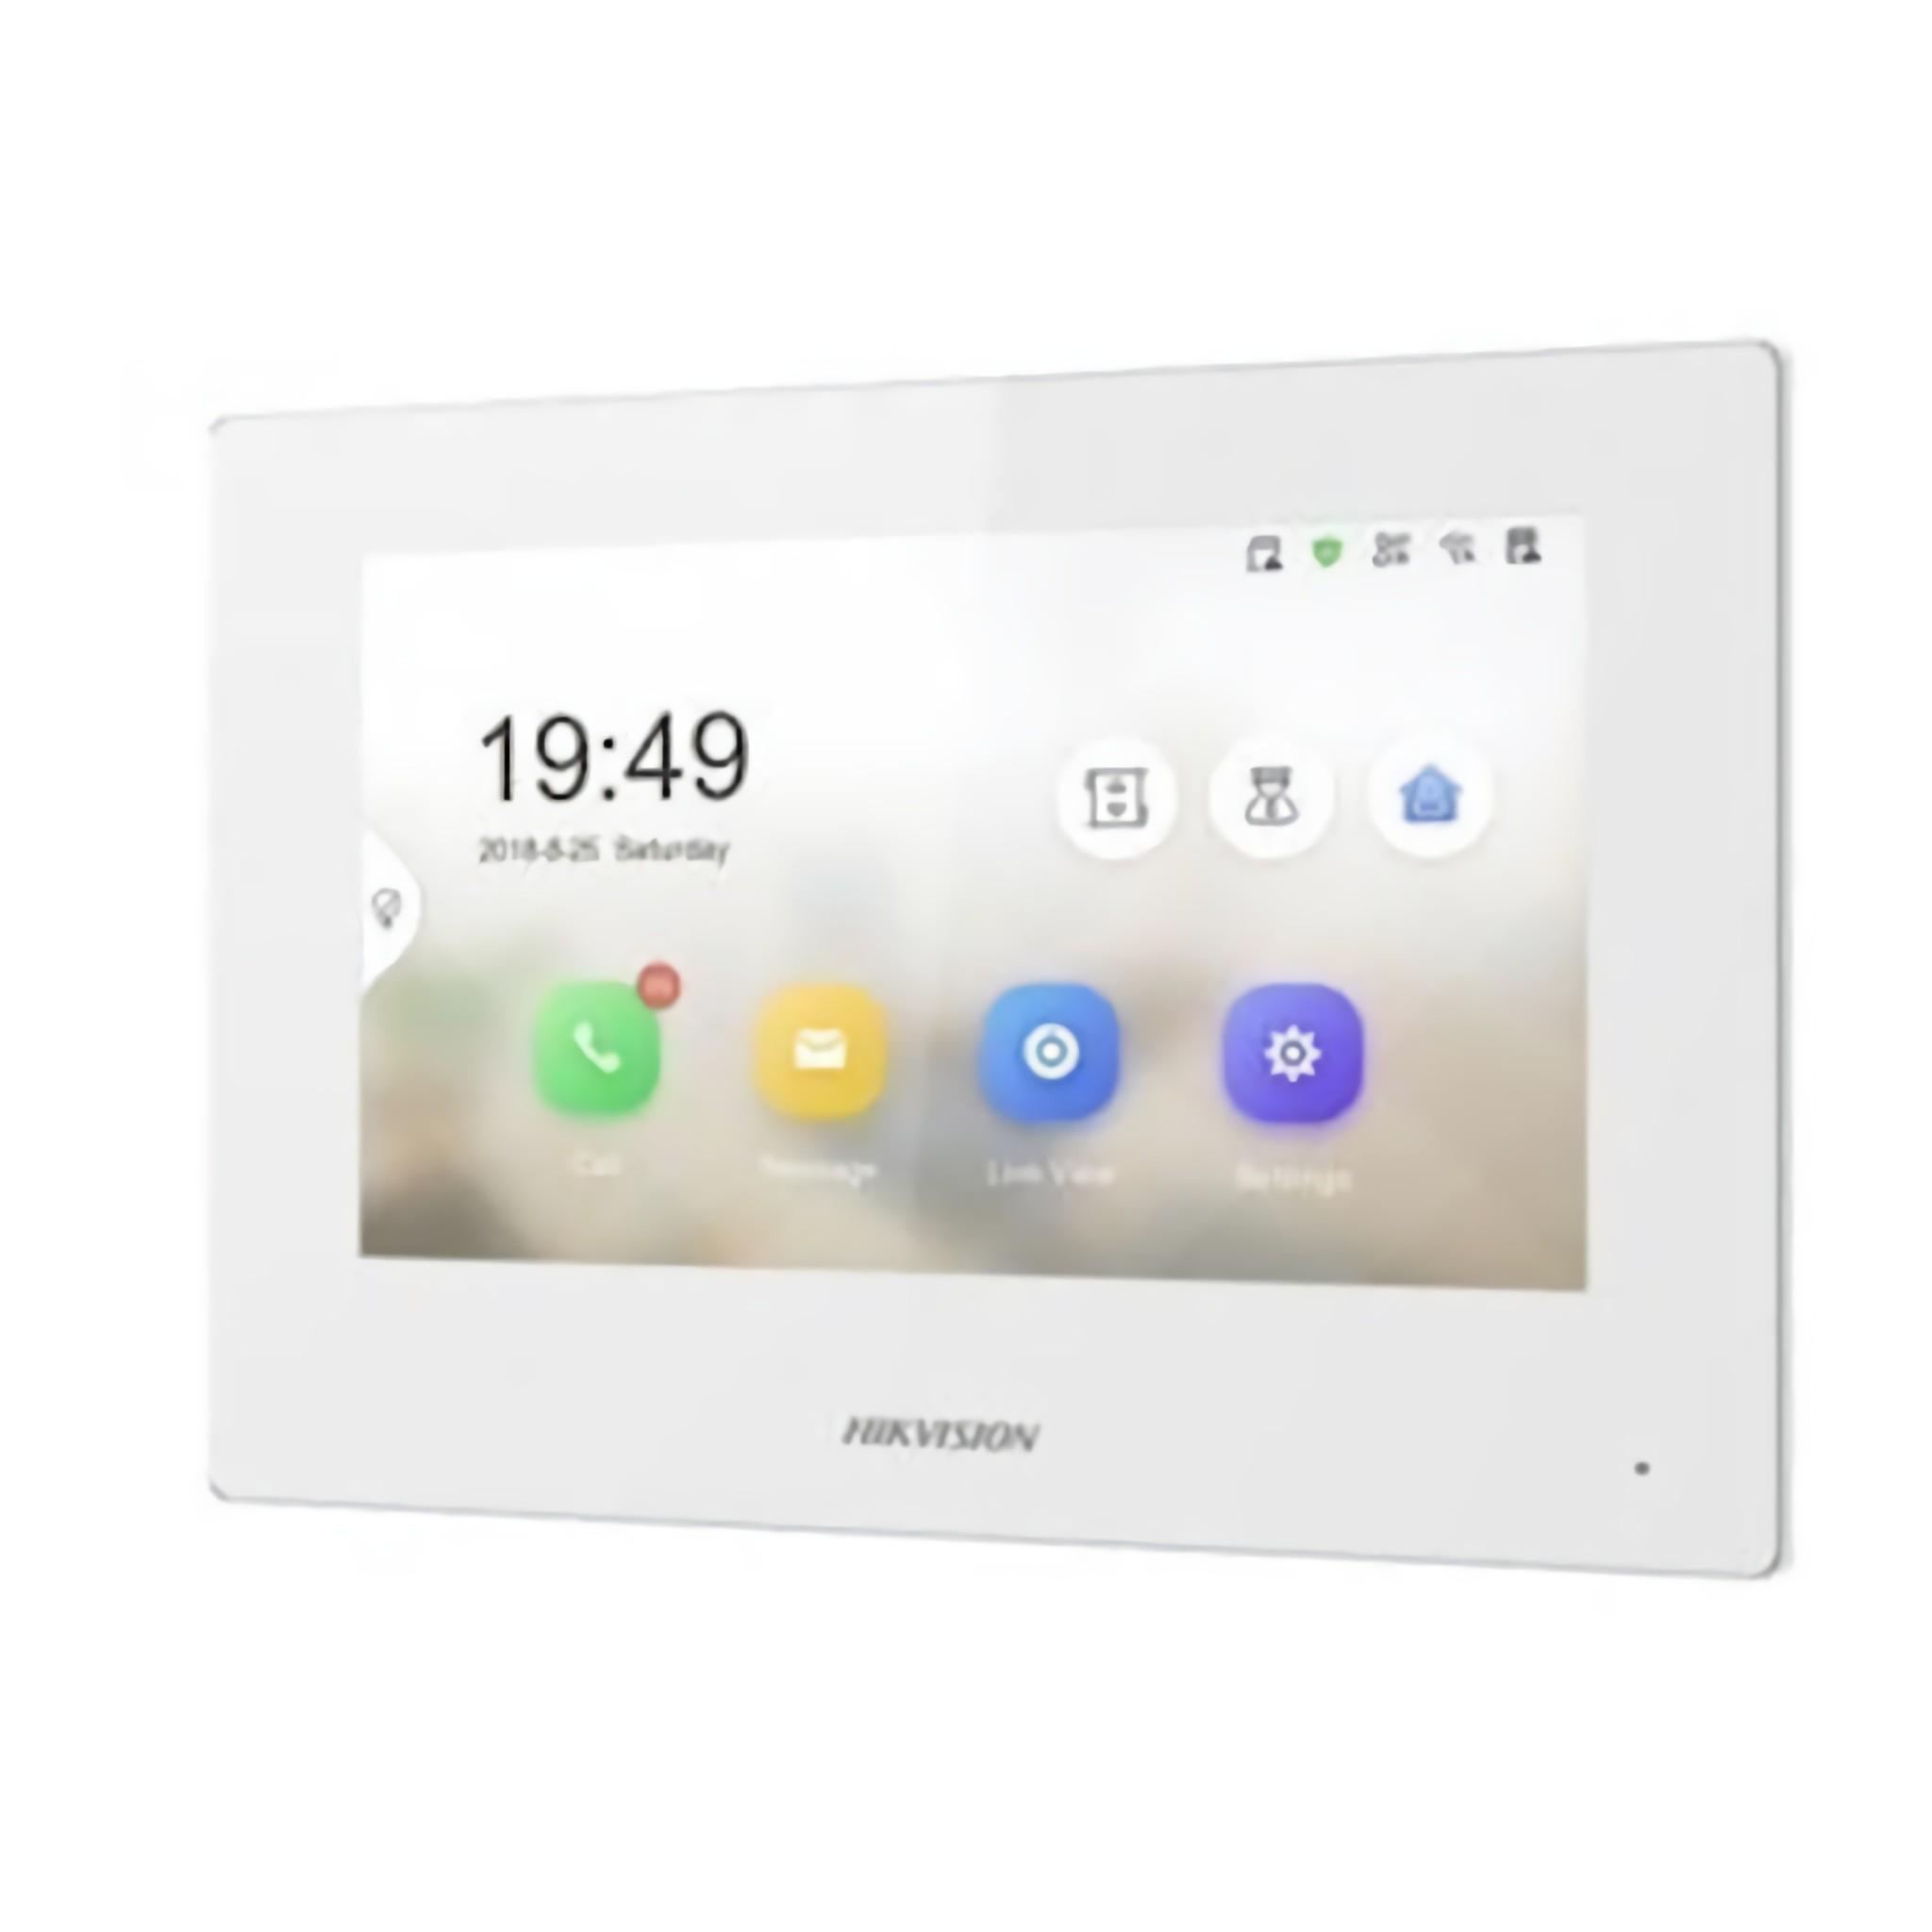 Le poste intérieur blanc DS-KH6320-WTE2 est spécifiquement destiné à la nouvelle solution d'interphone 2 fils Hikvision. Un nouveau design avec un panneau tactile capacitif de 7 pouces avec microphone et haut-parleur intégrés.